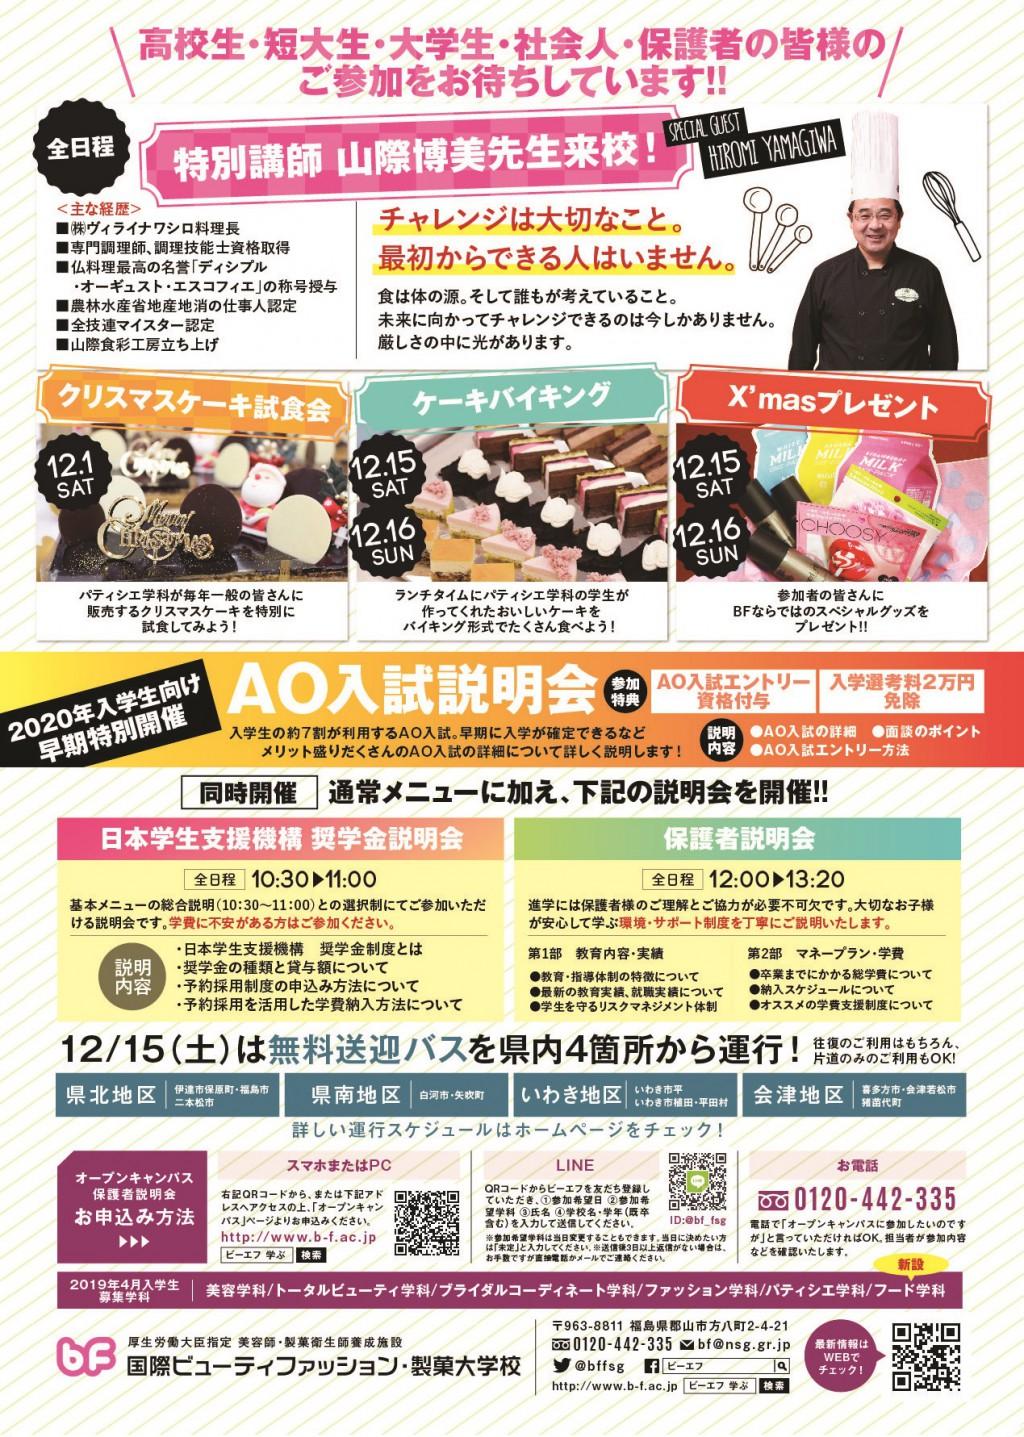 国際ビューティファッション・製菓大学校 (3)